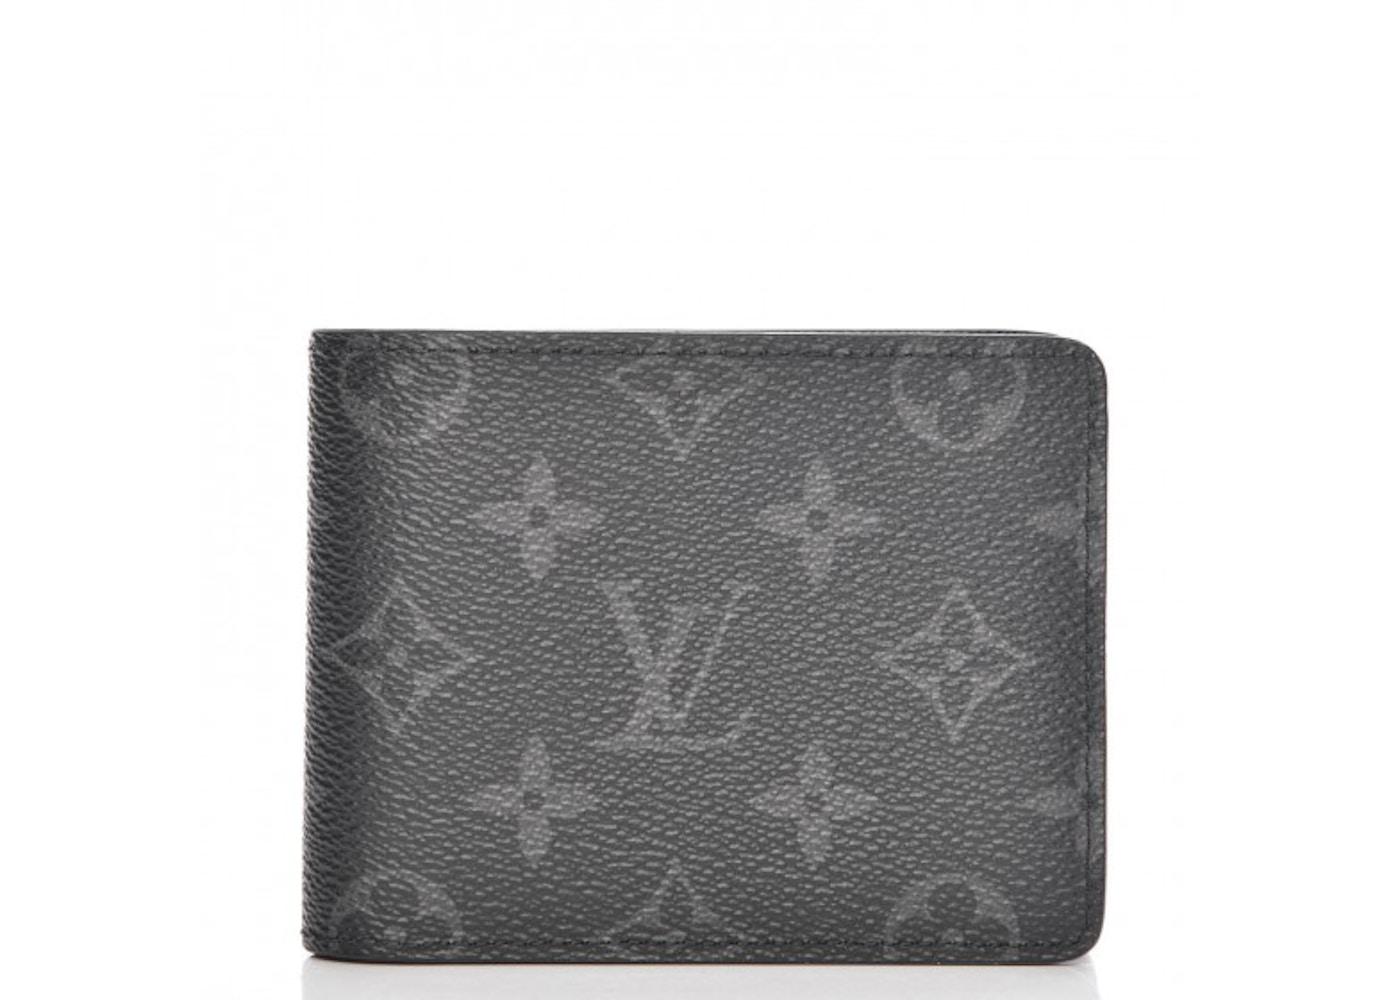 Louis Vuitton Wallet Multiple Monogram